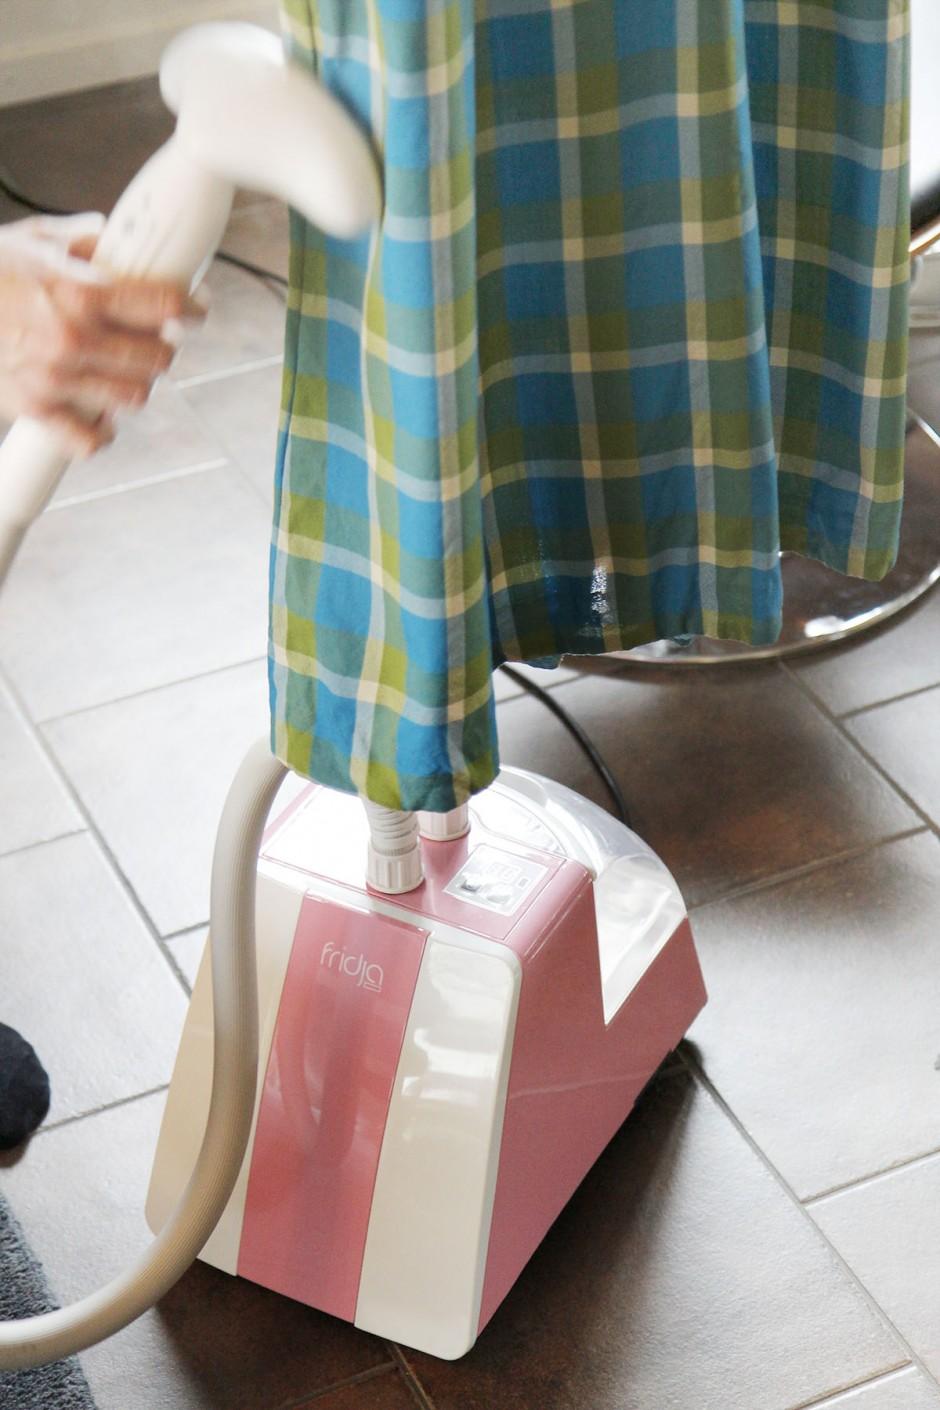 fridja-rosa-klädångare-kläder